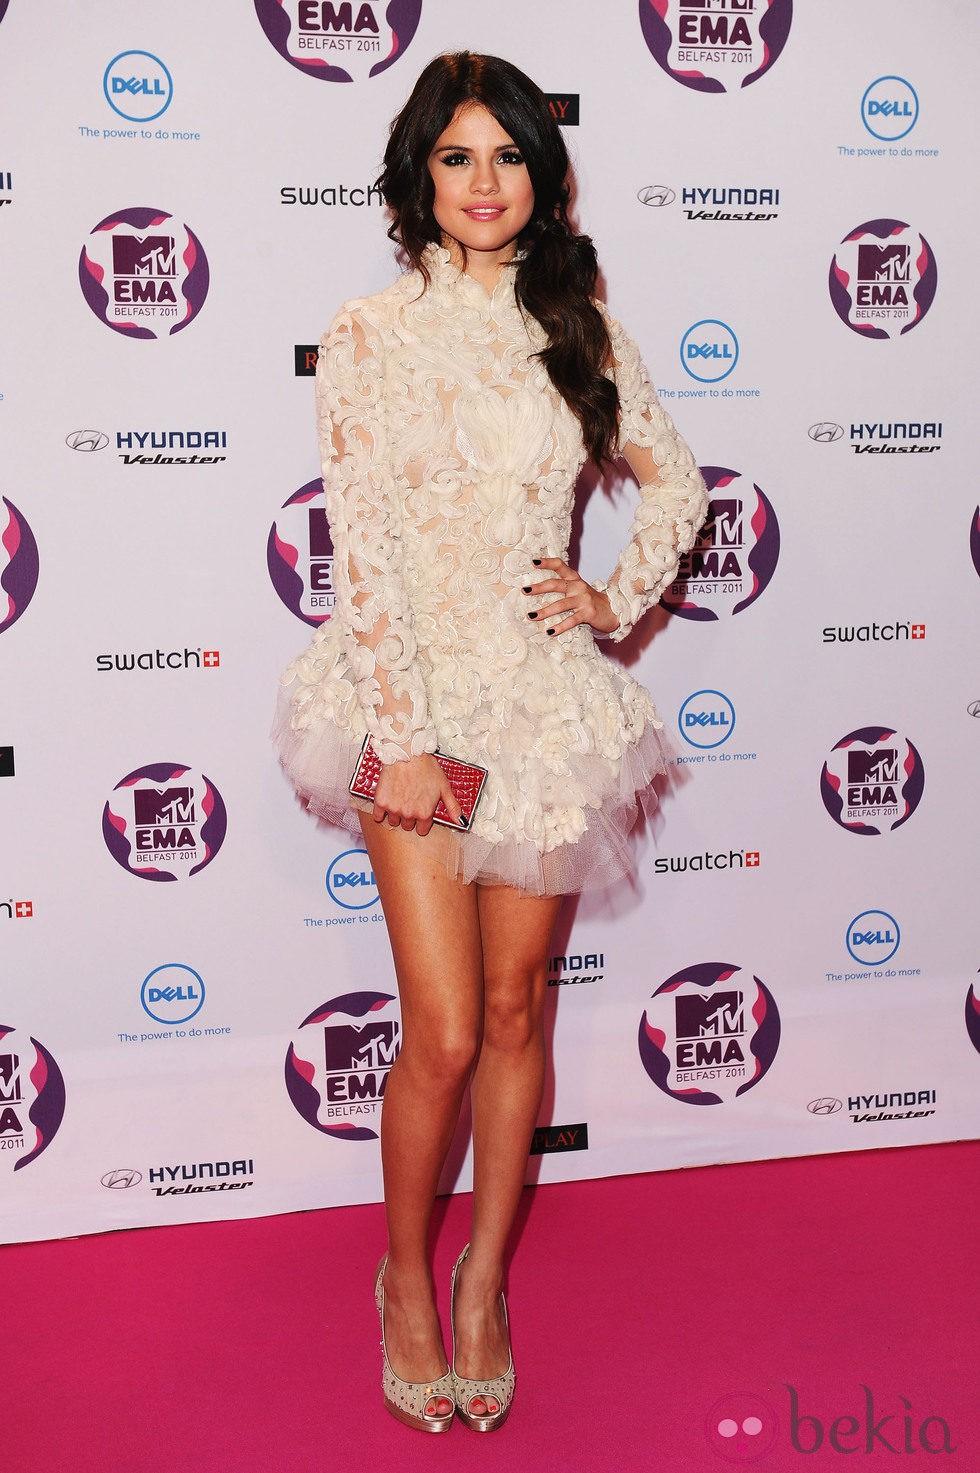 Peinado de Selena Gomez con coleta lateral ondulada en los MTV EMA 2011